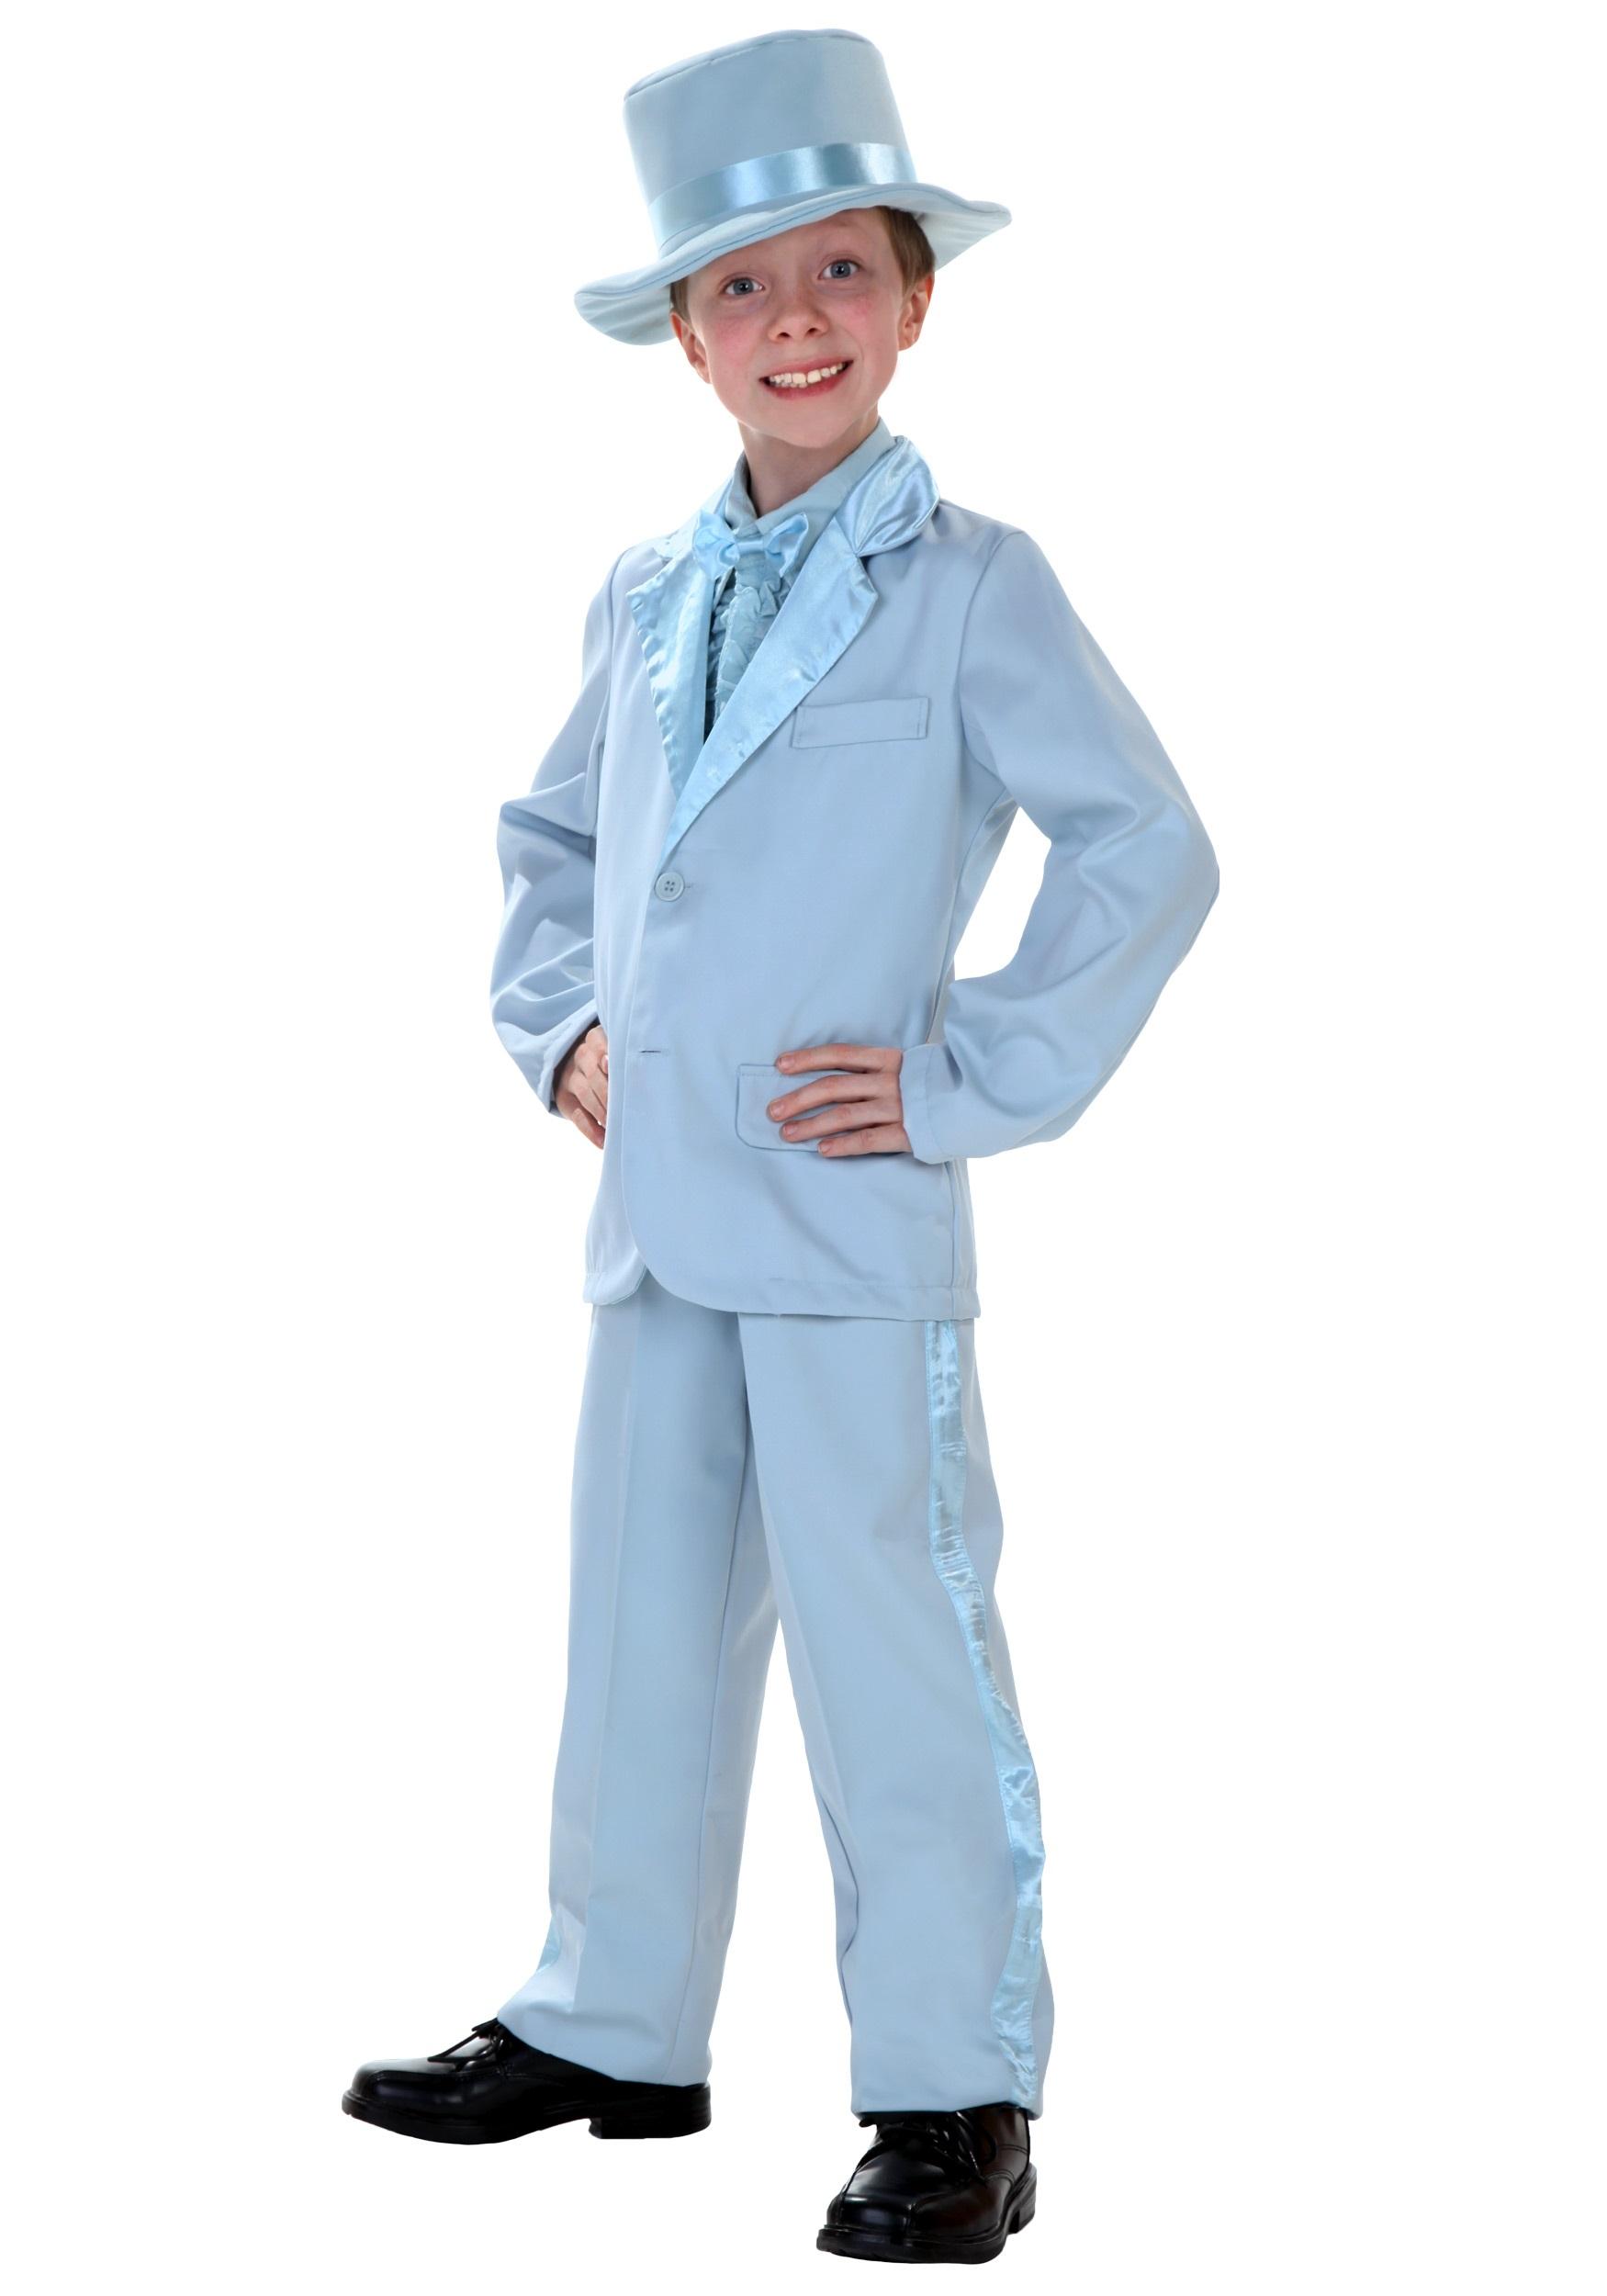 Blue Tuxedo Costume for Kids